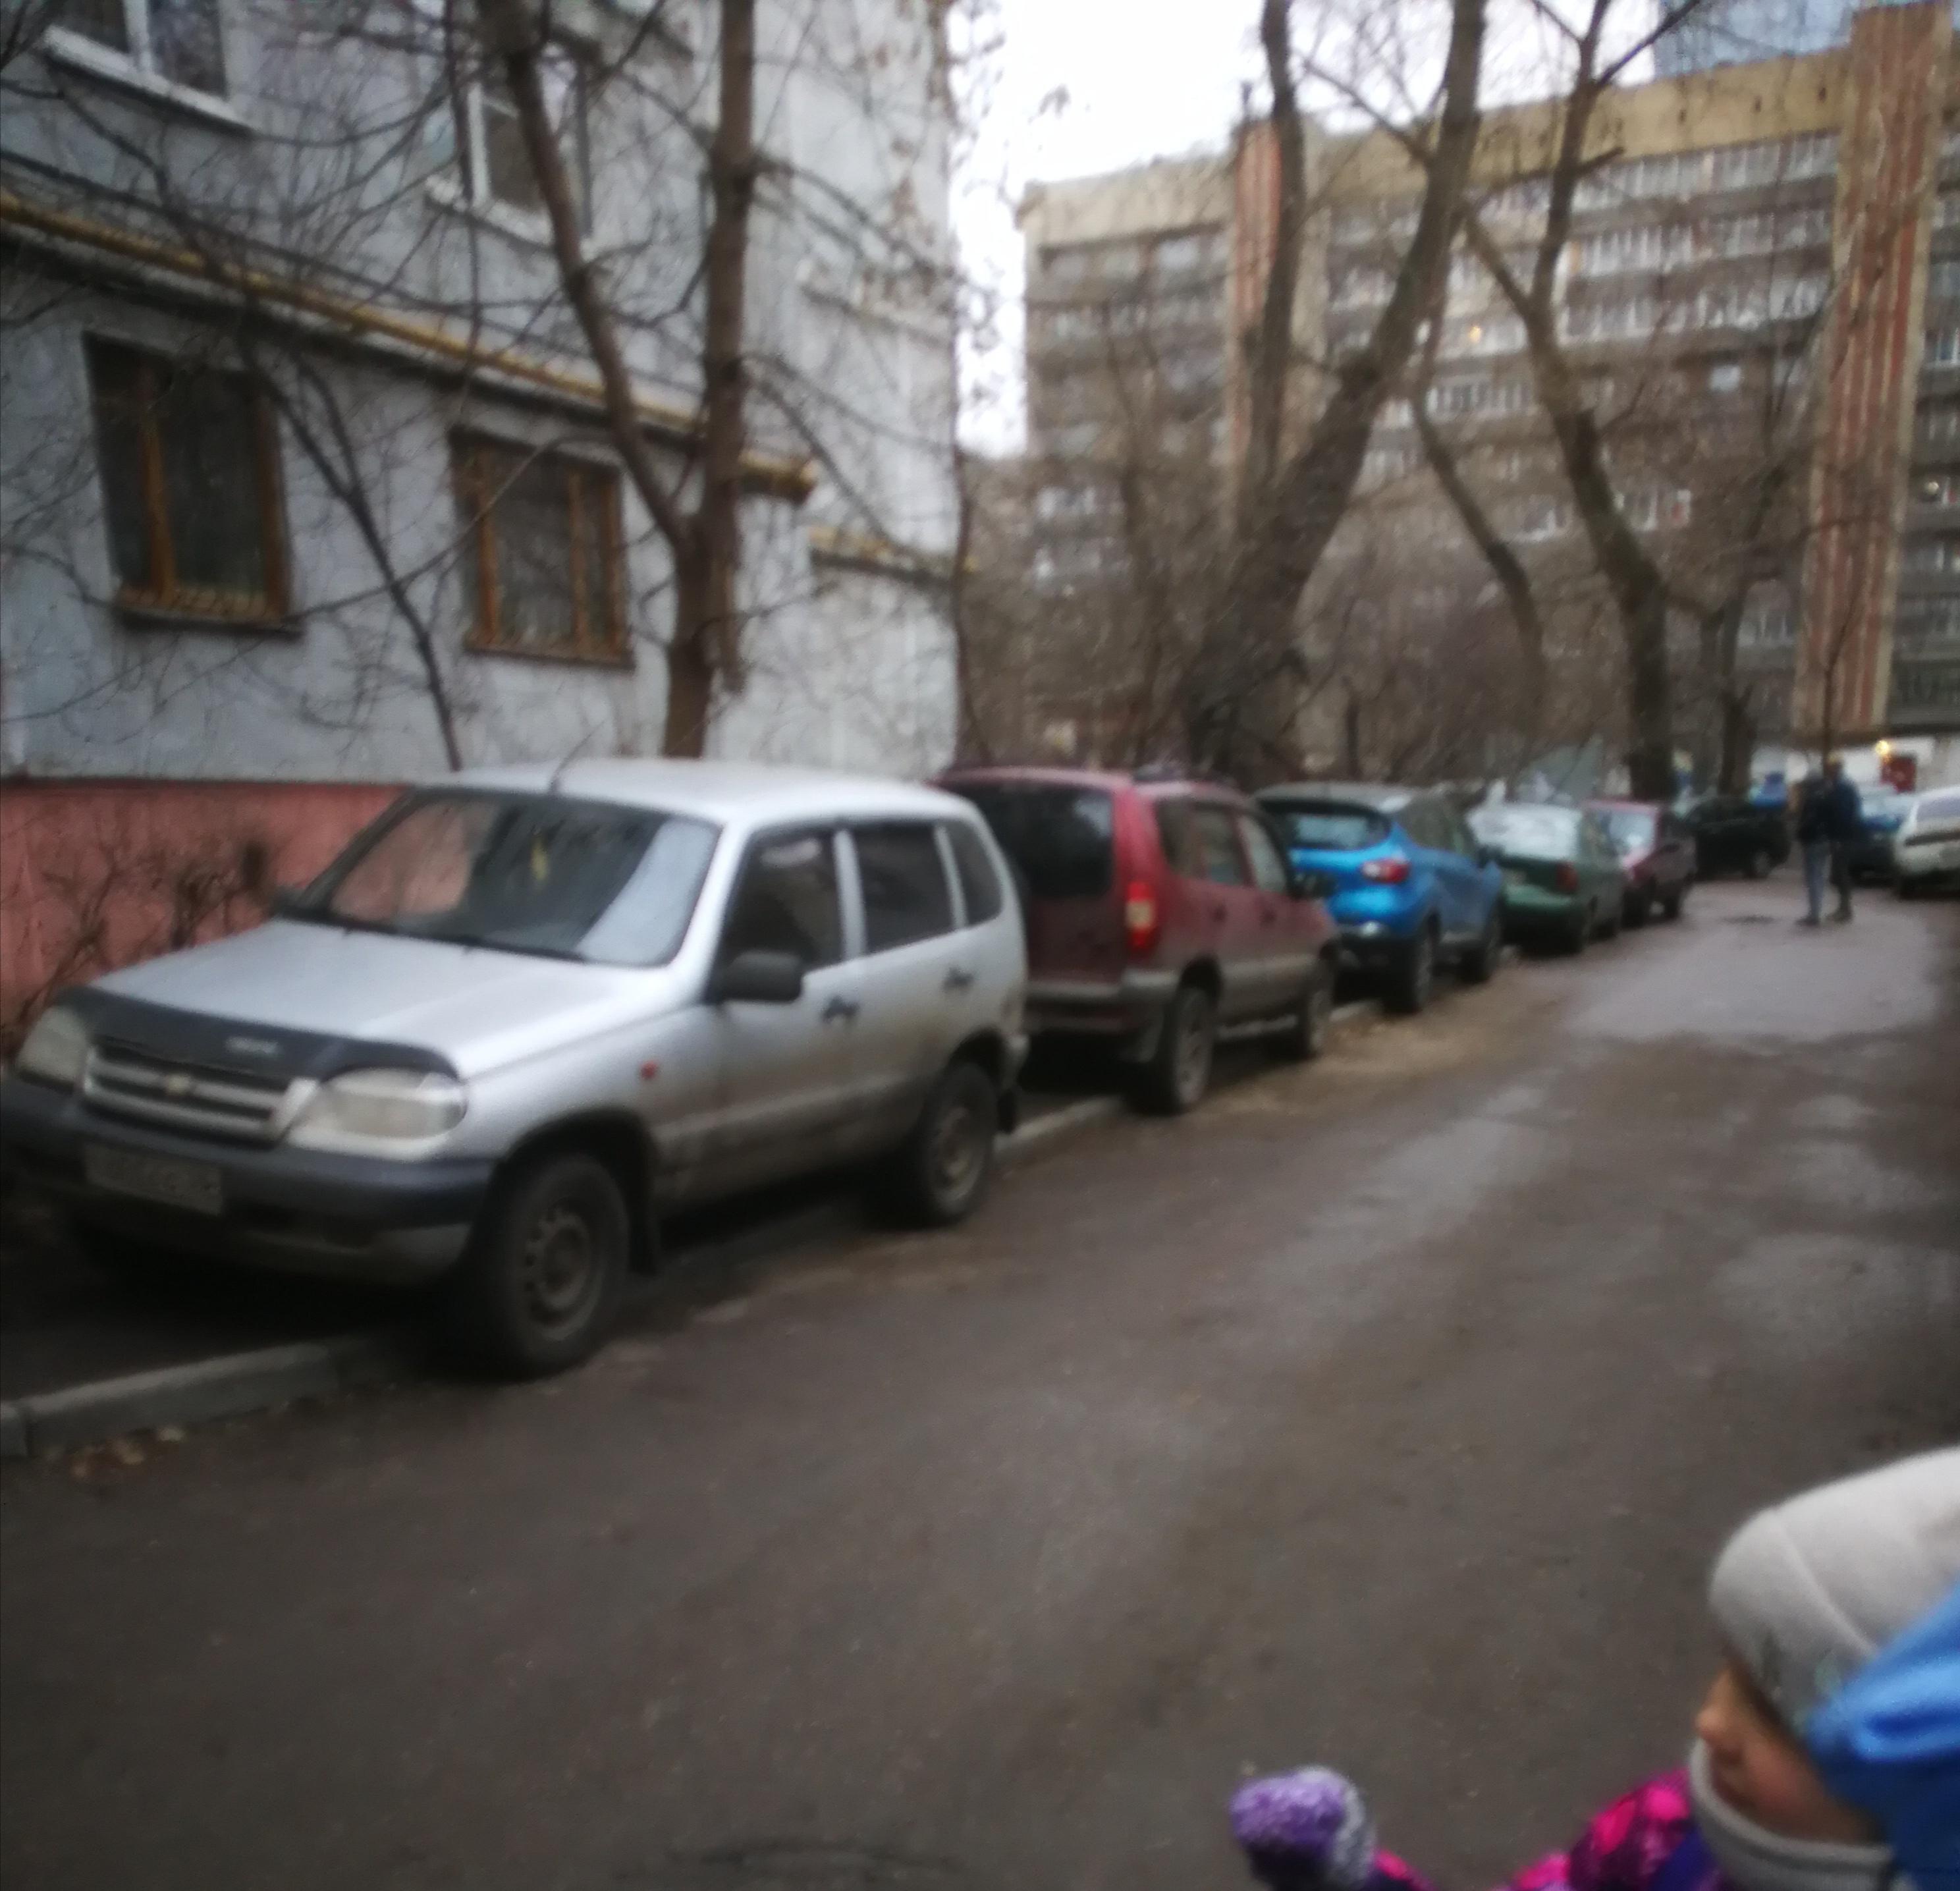 Мерседес Боярского опять на тротуаре. Вот каналья!